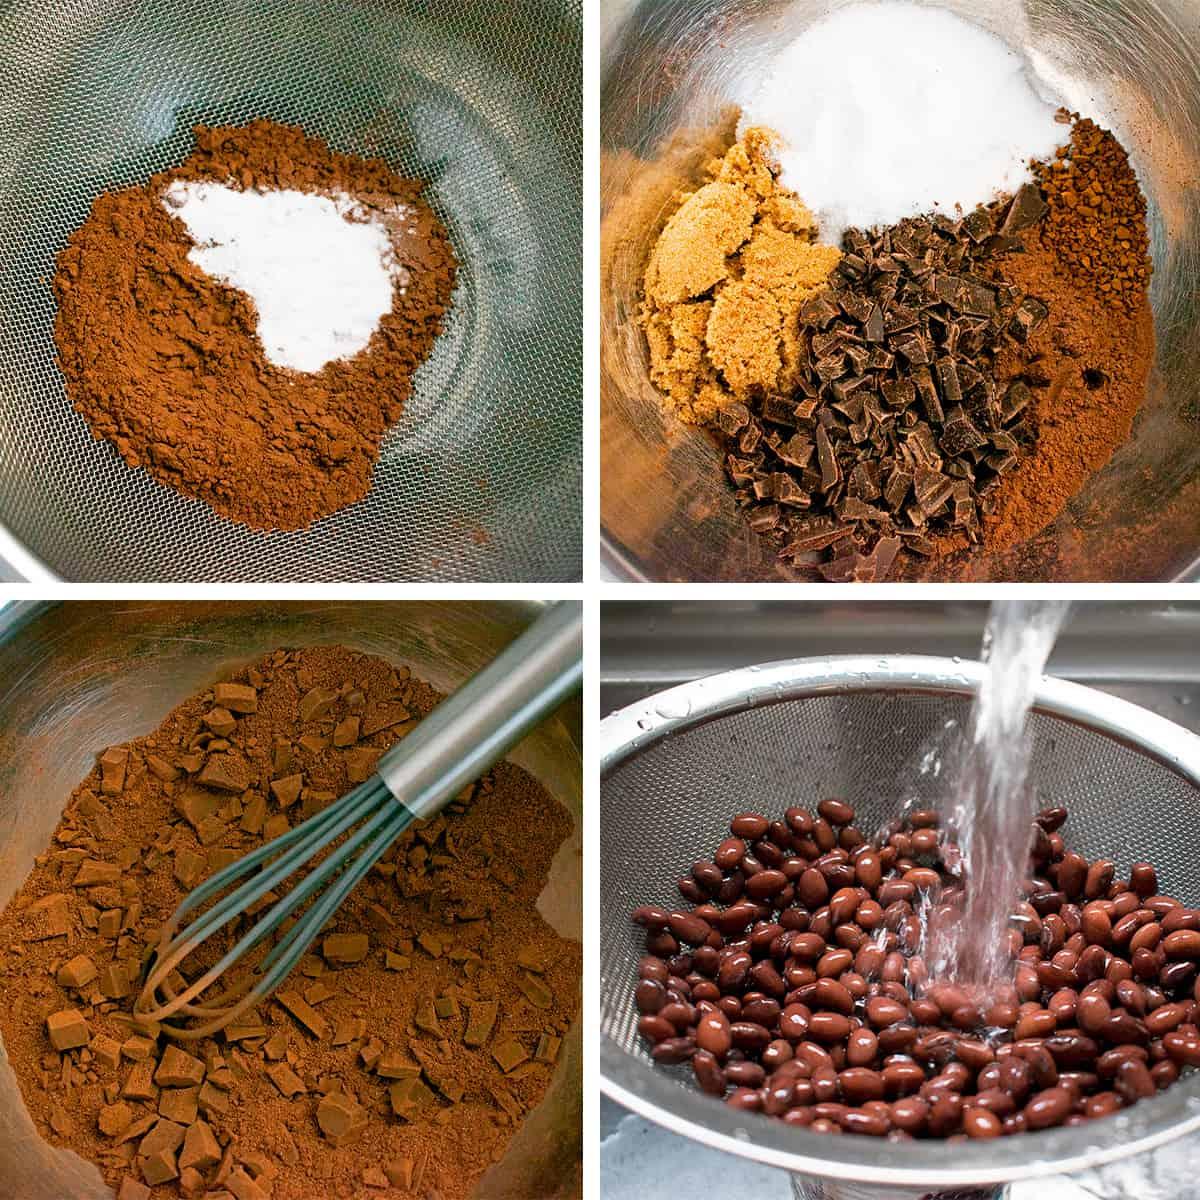 paso a paso para preparar una receta de brownies con frijol  o porotos negros